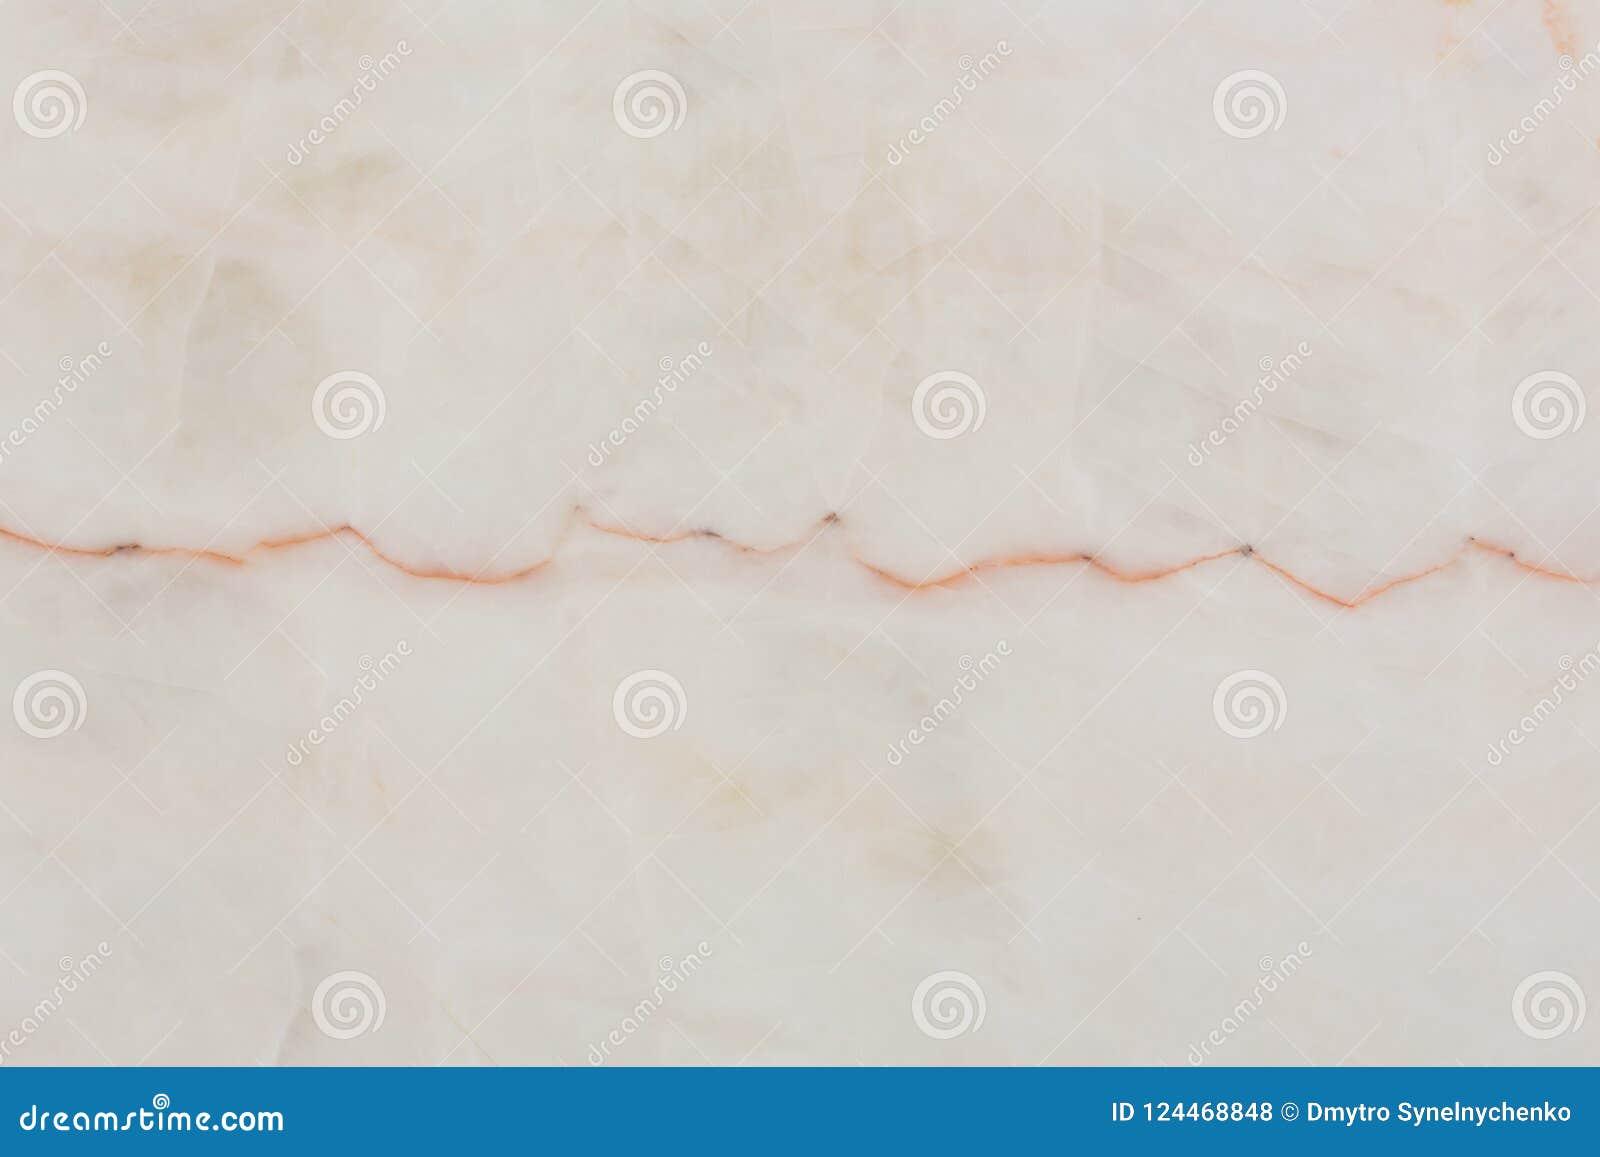 Unikalna tekstura naturalny kamień - wykłada marmurem, onyks